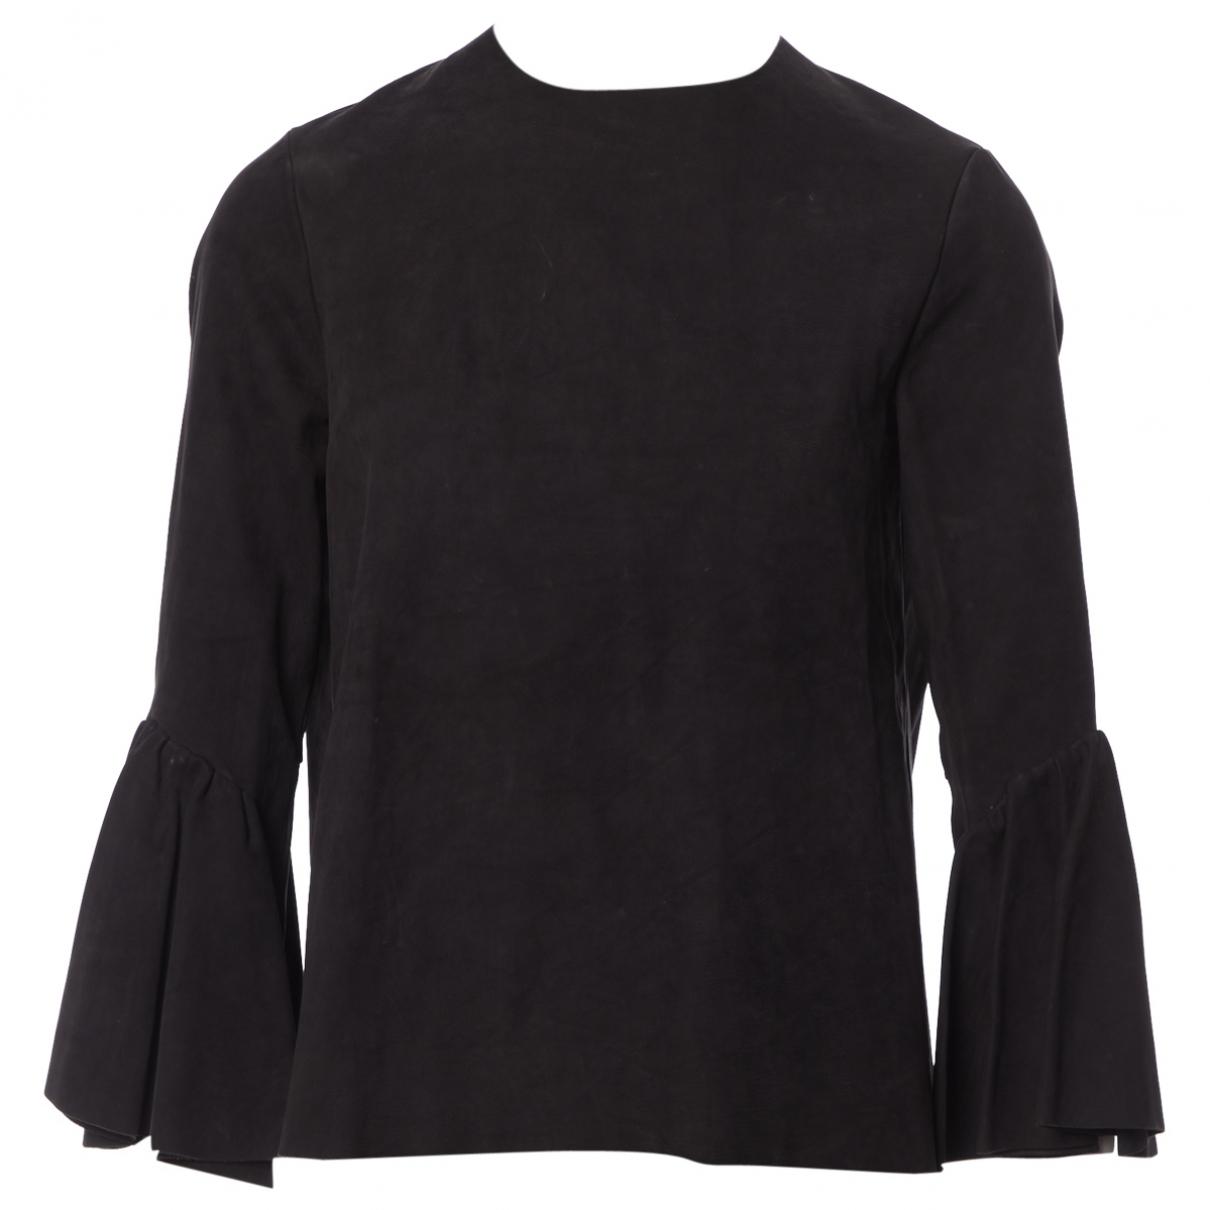 Acne Studios - Top   pour femme en cuir - noir